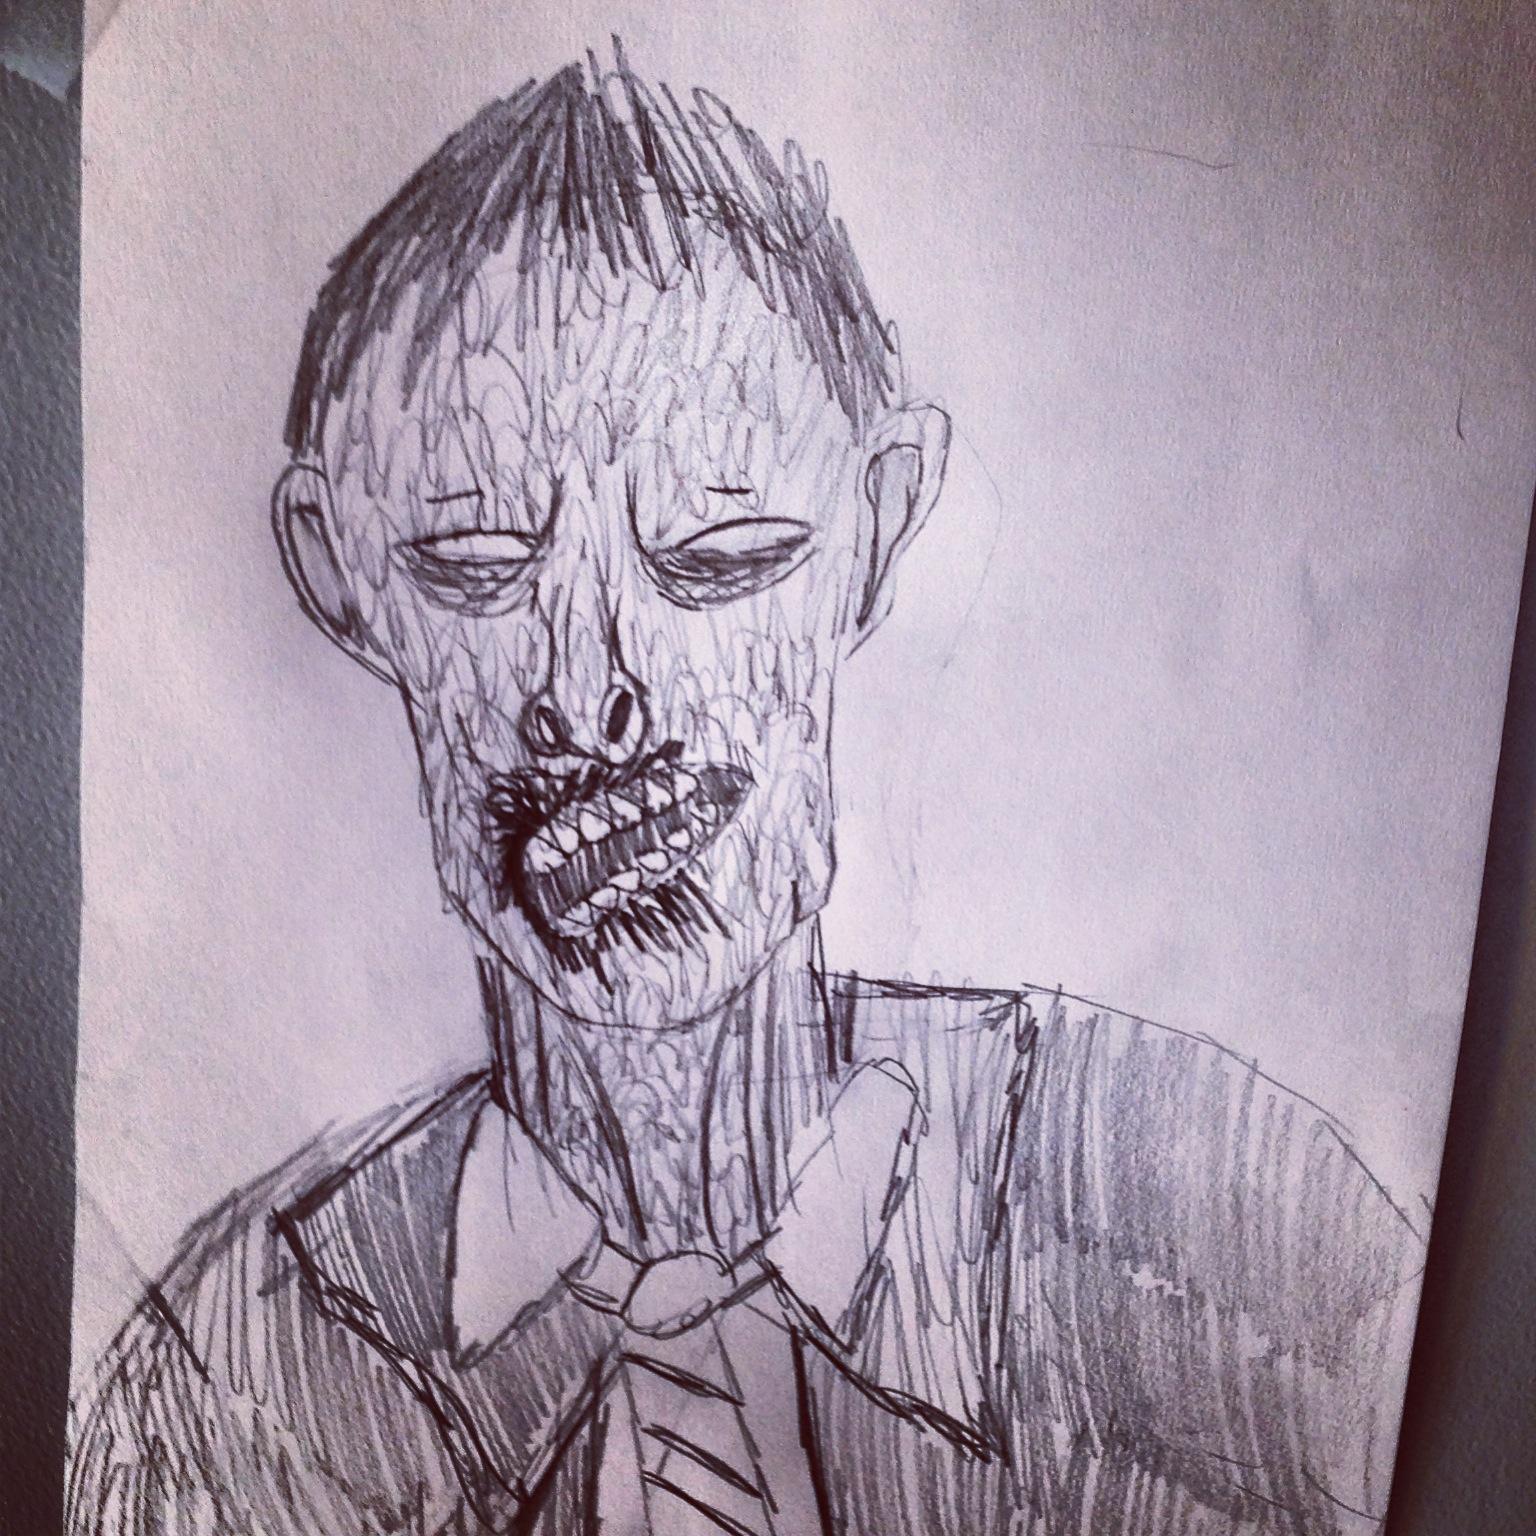 My zombie #2